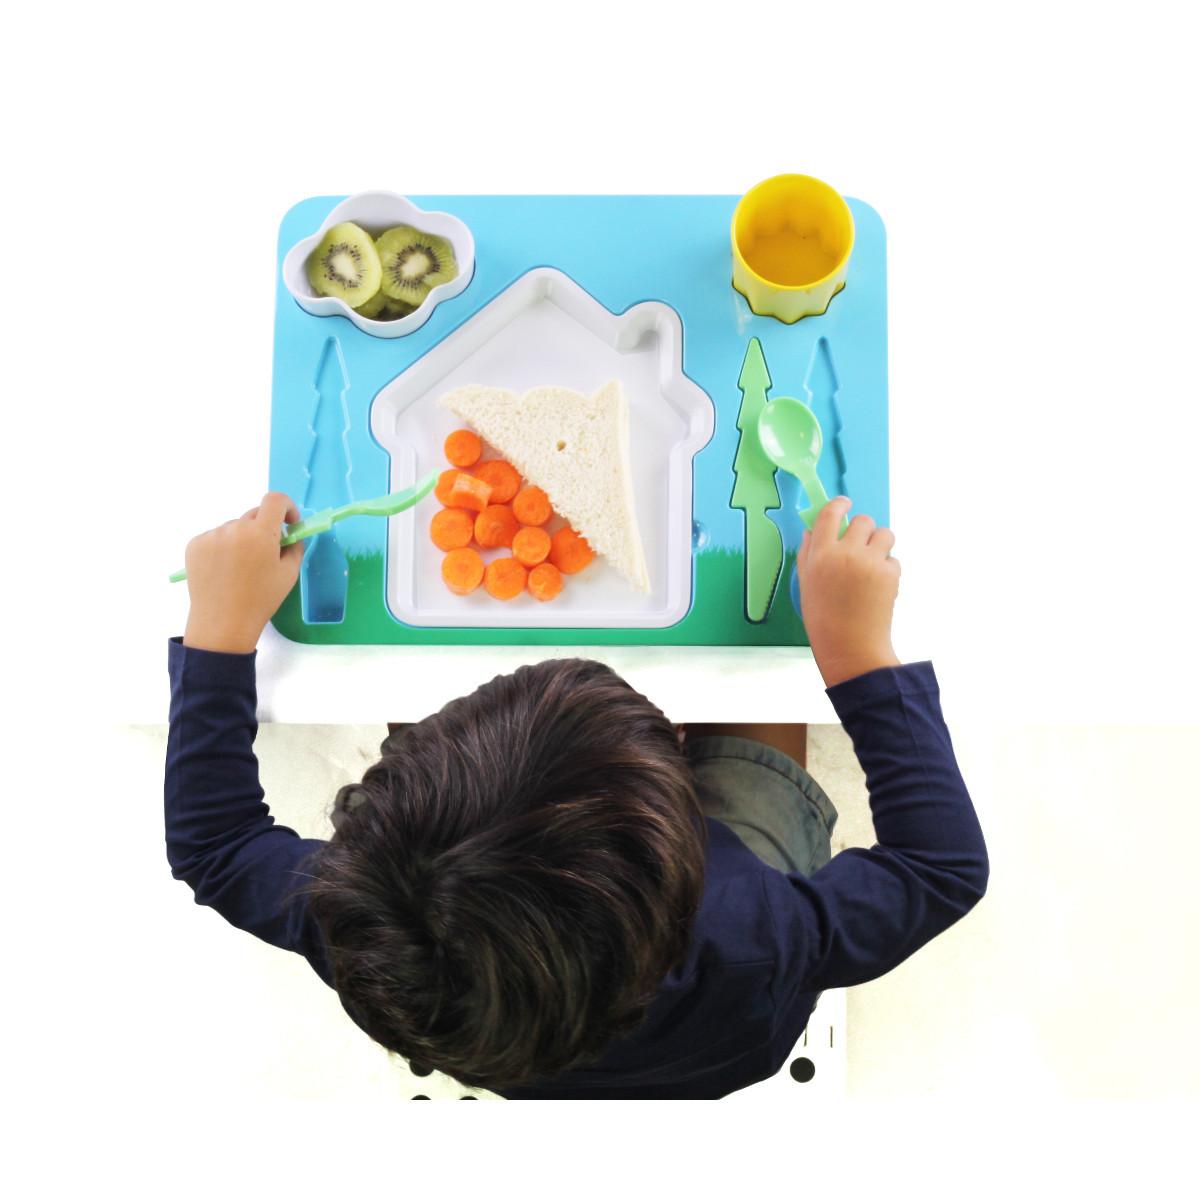 Kindergeschirr - Komplett-Set mit Tablett